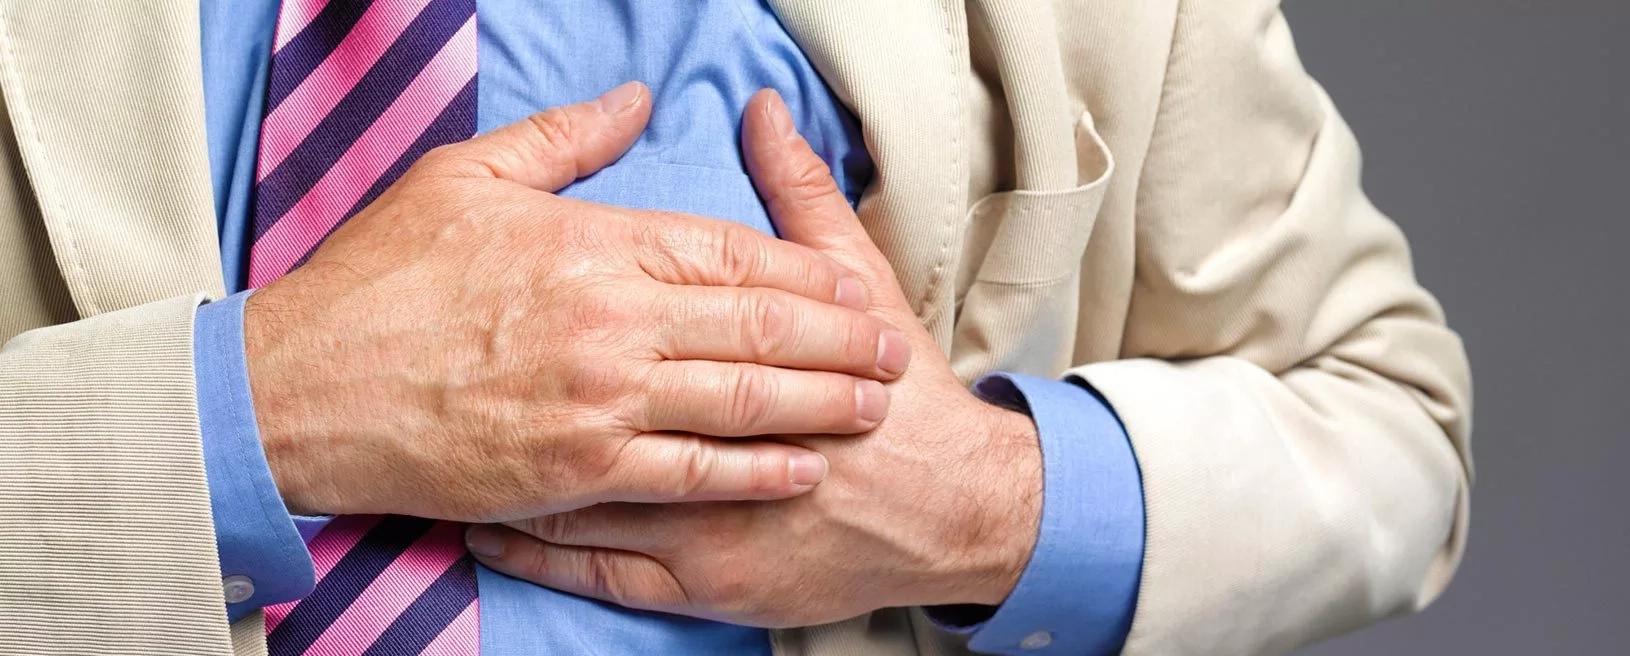 Corrió al hospital cuando su esposo sufrió un ataque al corazón.Pero el médico dijo que él llegó con una extraña mujer